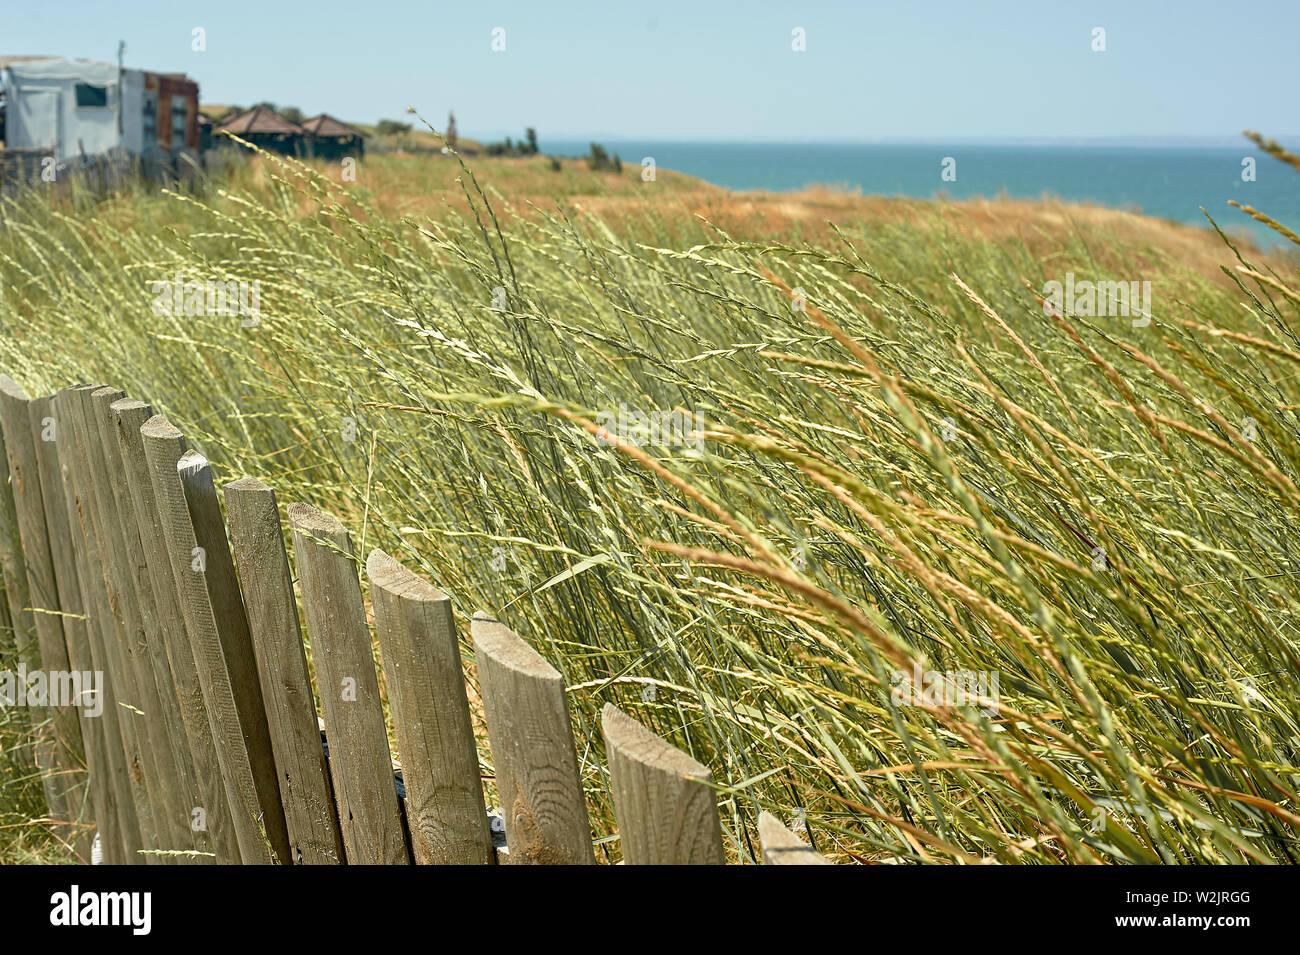 Holzzaun, hohes Gras, den Strand und das Meer. Schlichte Schönheit Stockfoto